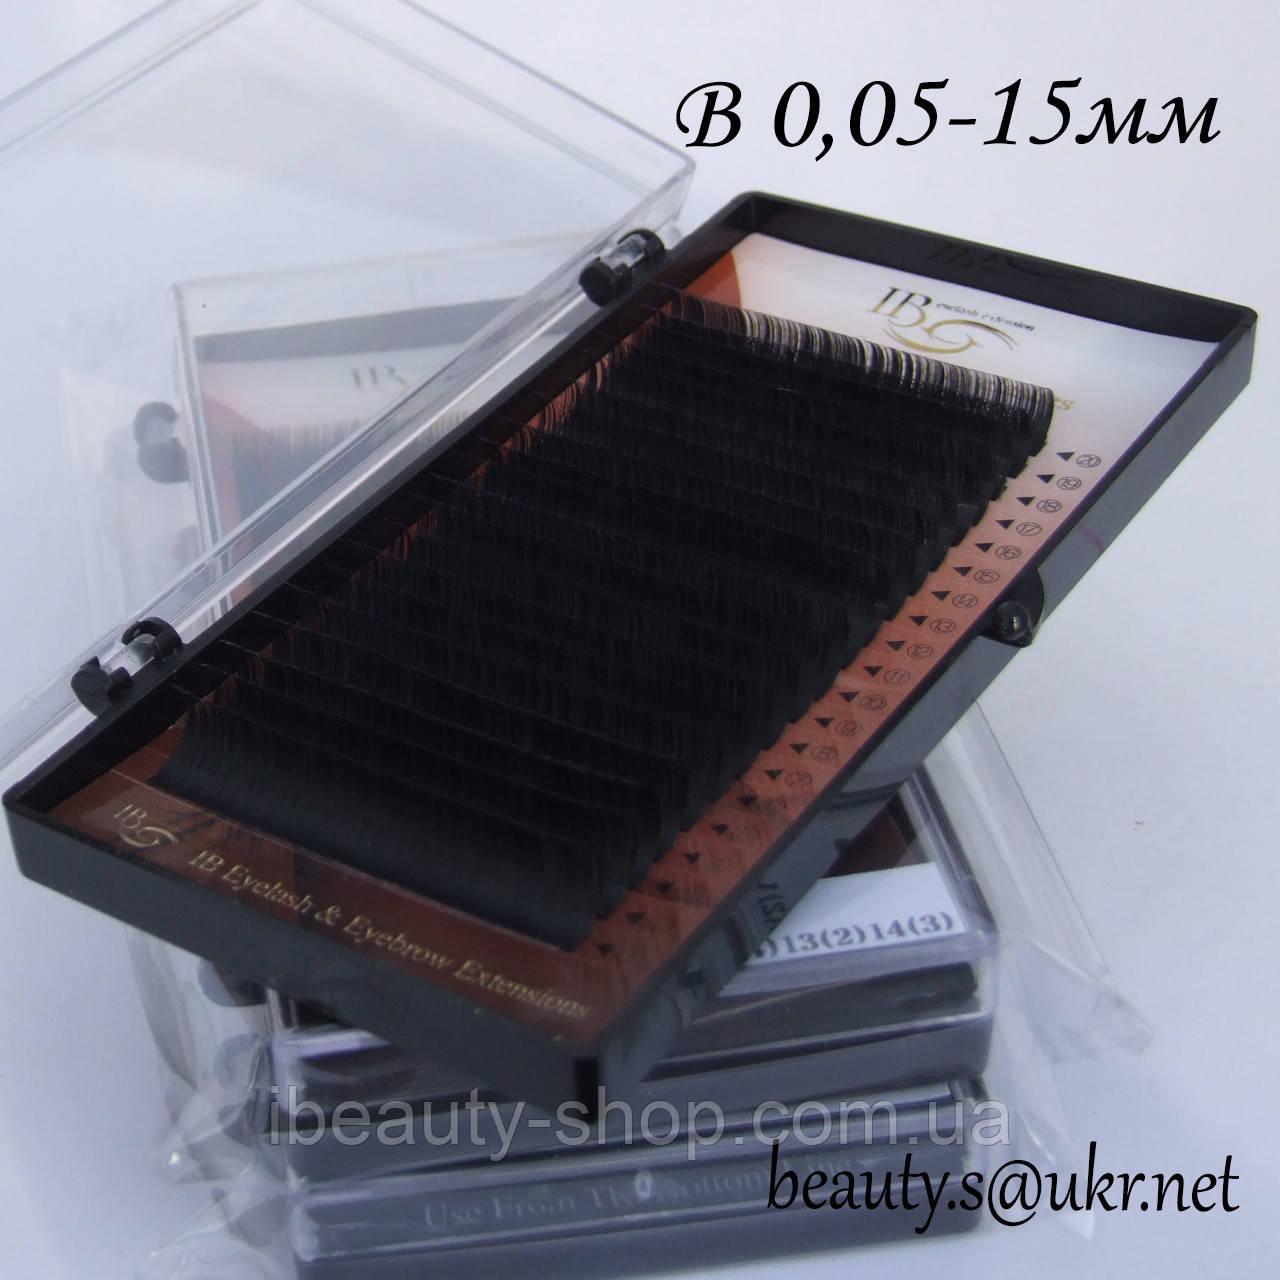 Ресницы  I-Beauty на ленте B 0,05-15мм